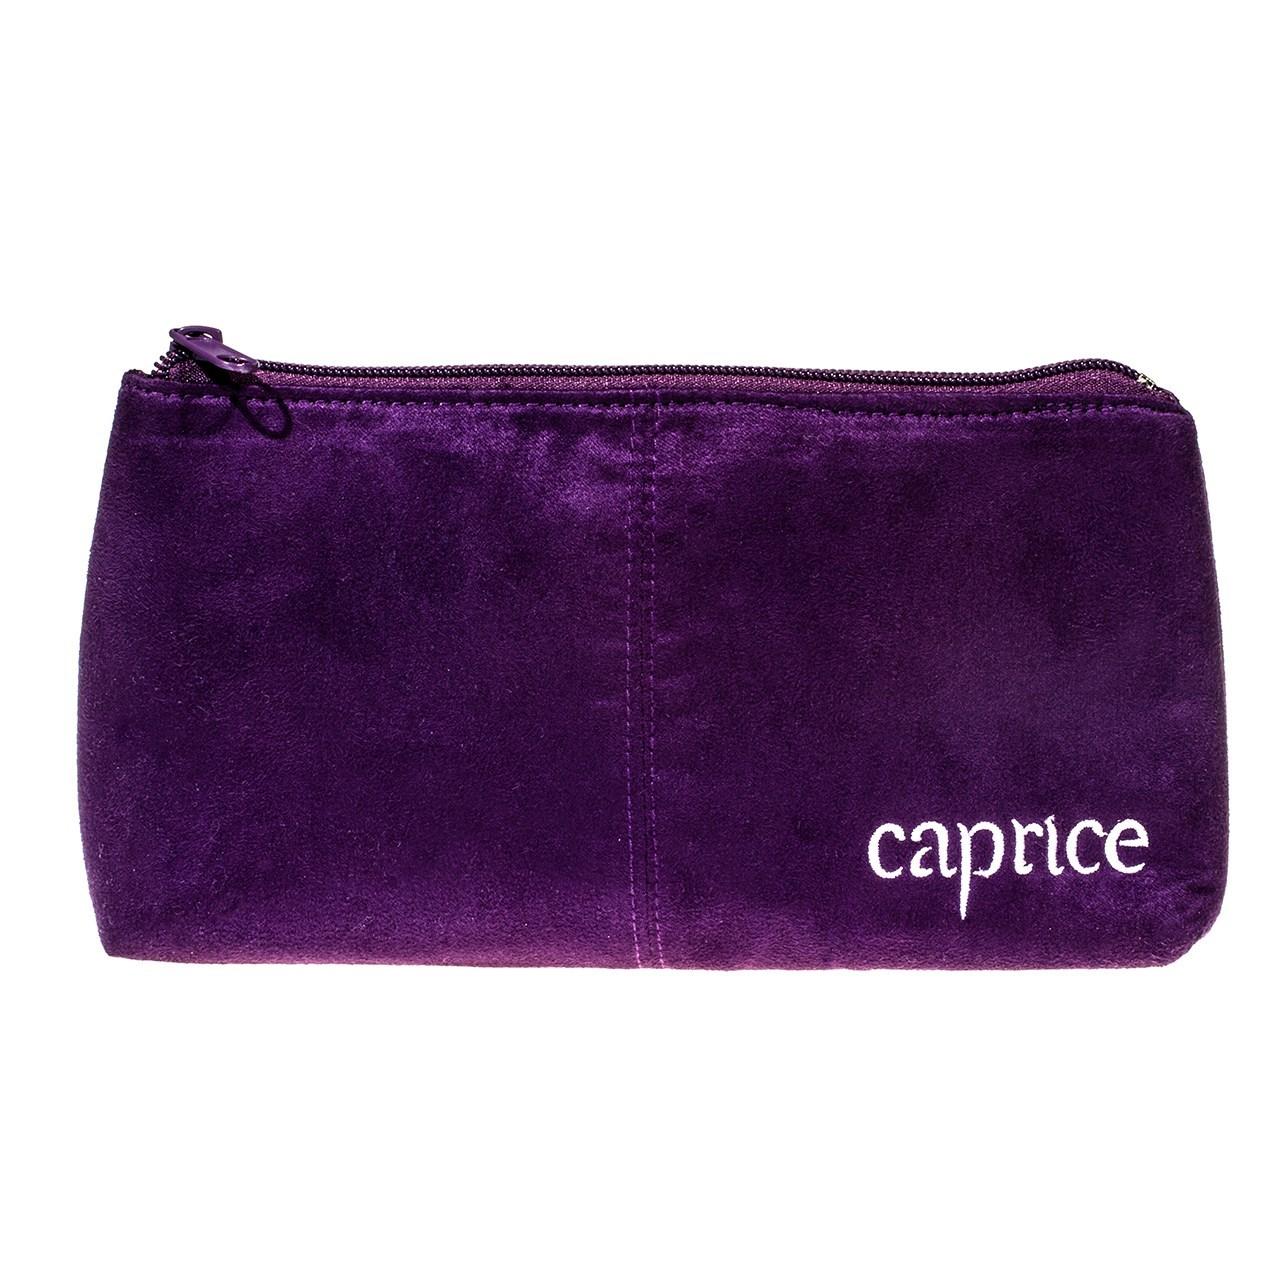 کیف لوازم آرایشی کاپریس مدل Suede Bag